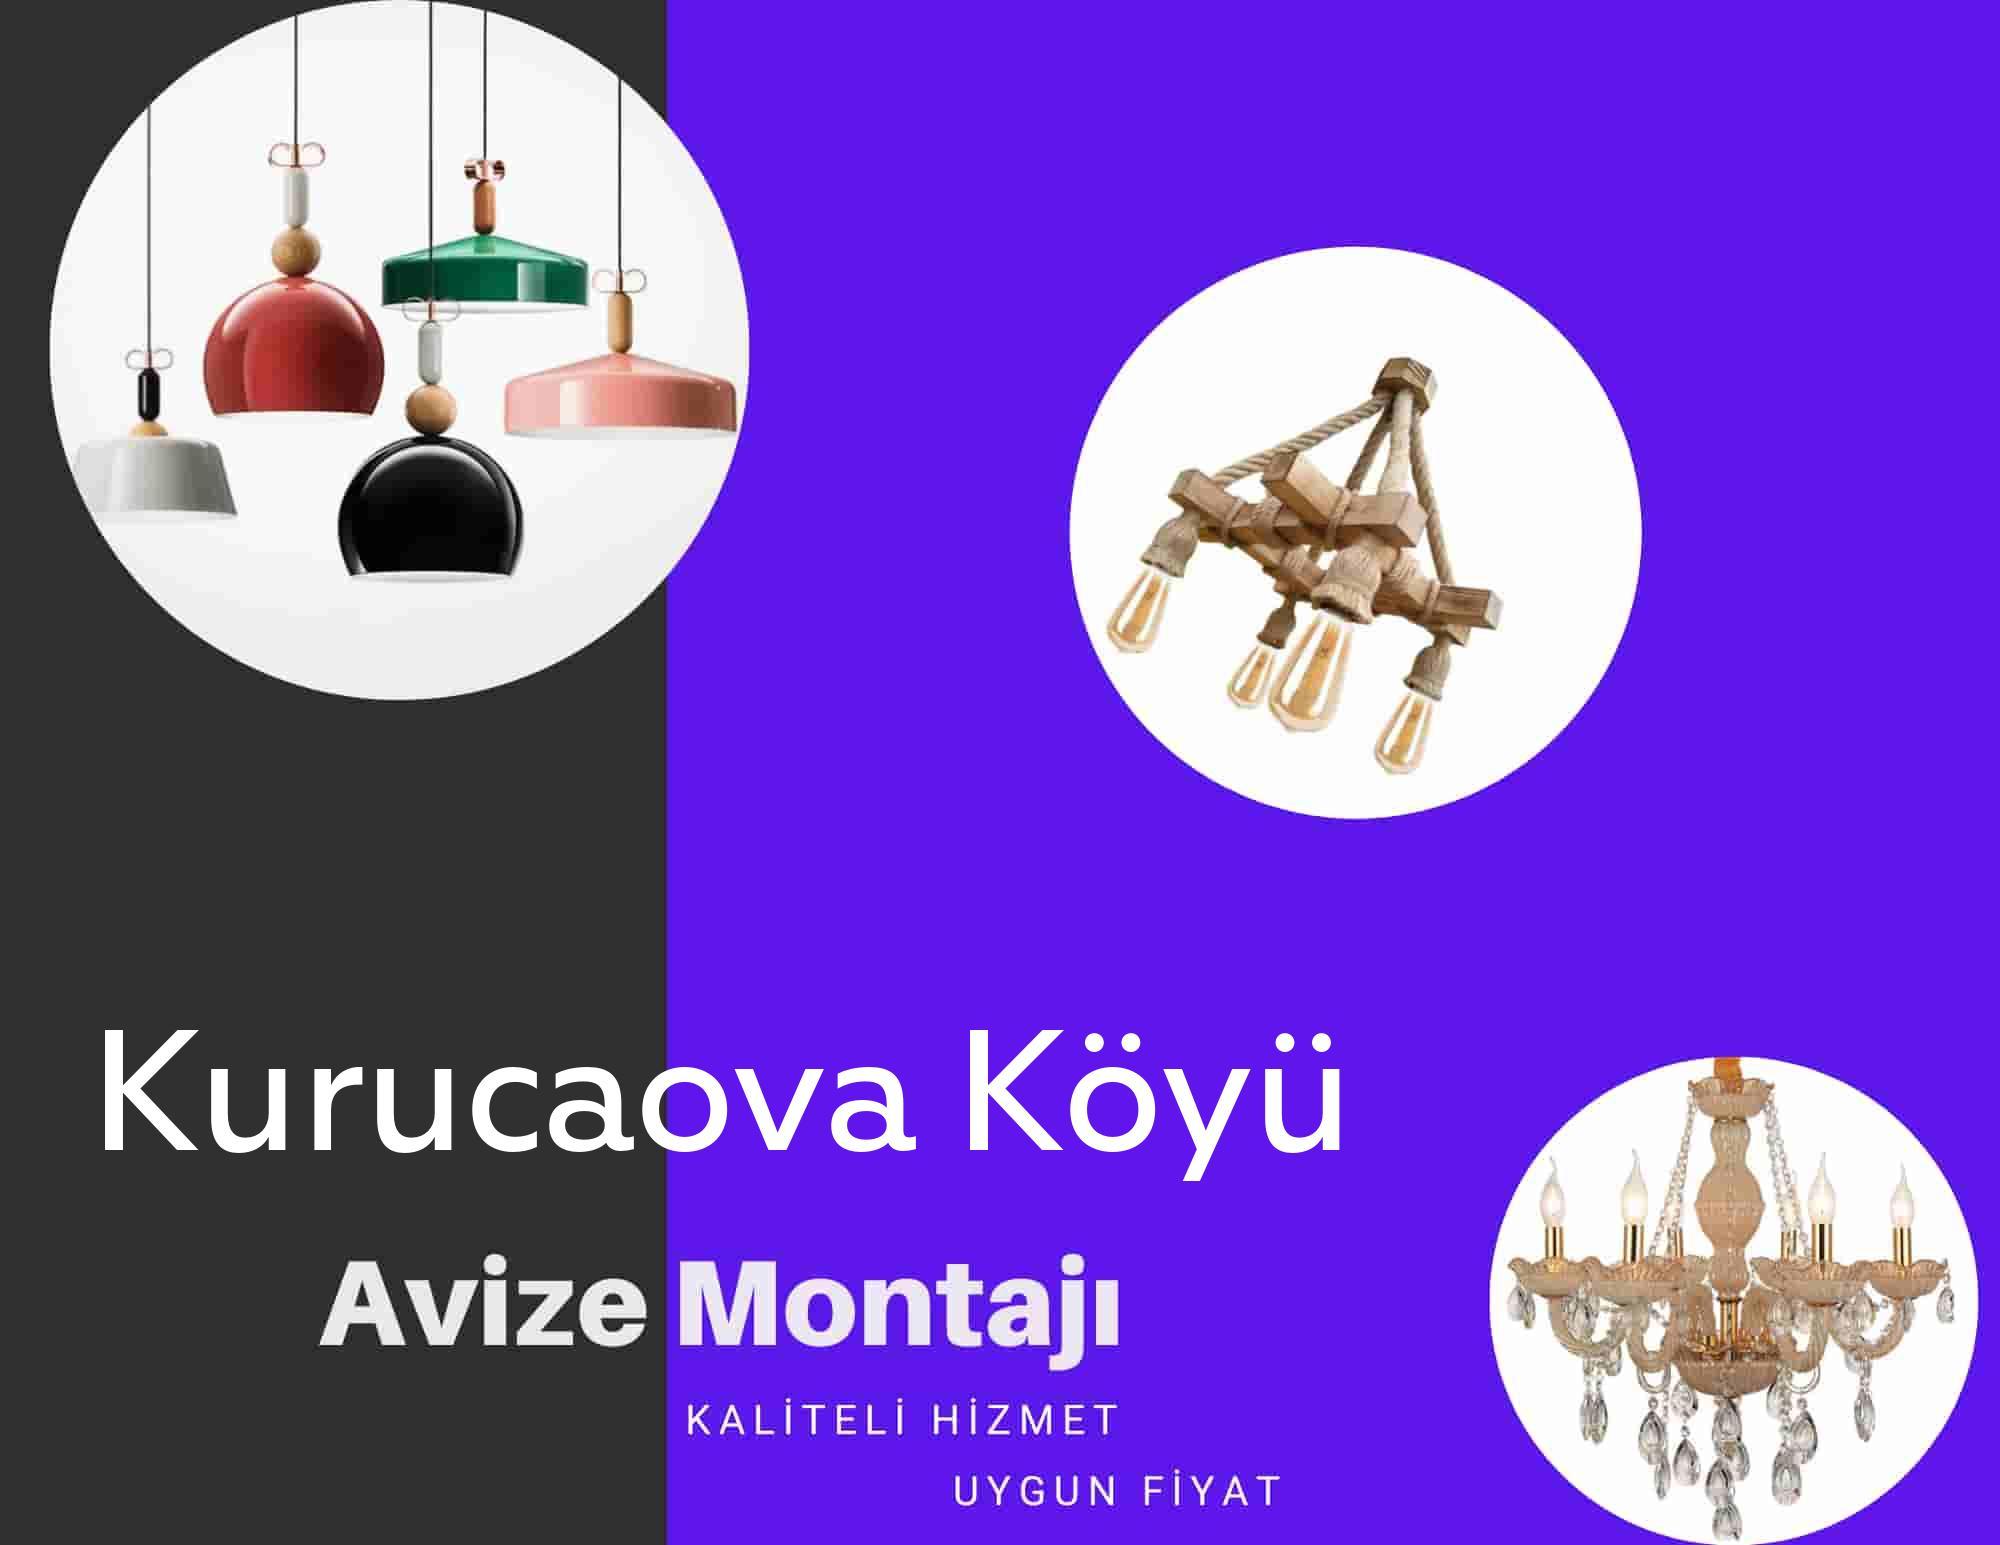 Kurucaova Köyüde avize montajı yapan yerler arıyorsanız elektrikcicagir anında size profesyonel avize montajı ustasını yönlendirir.